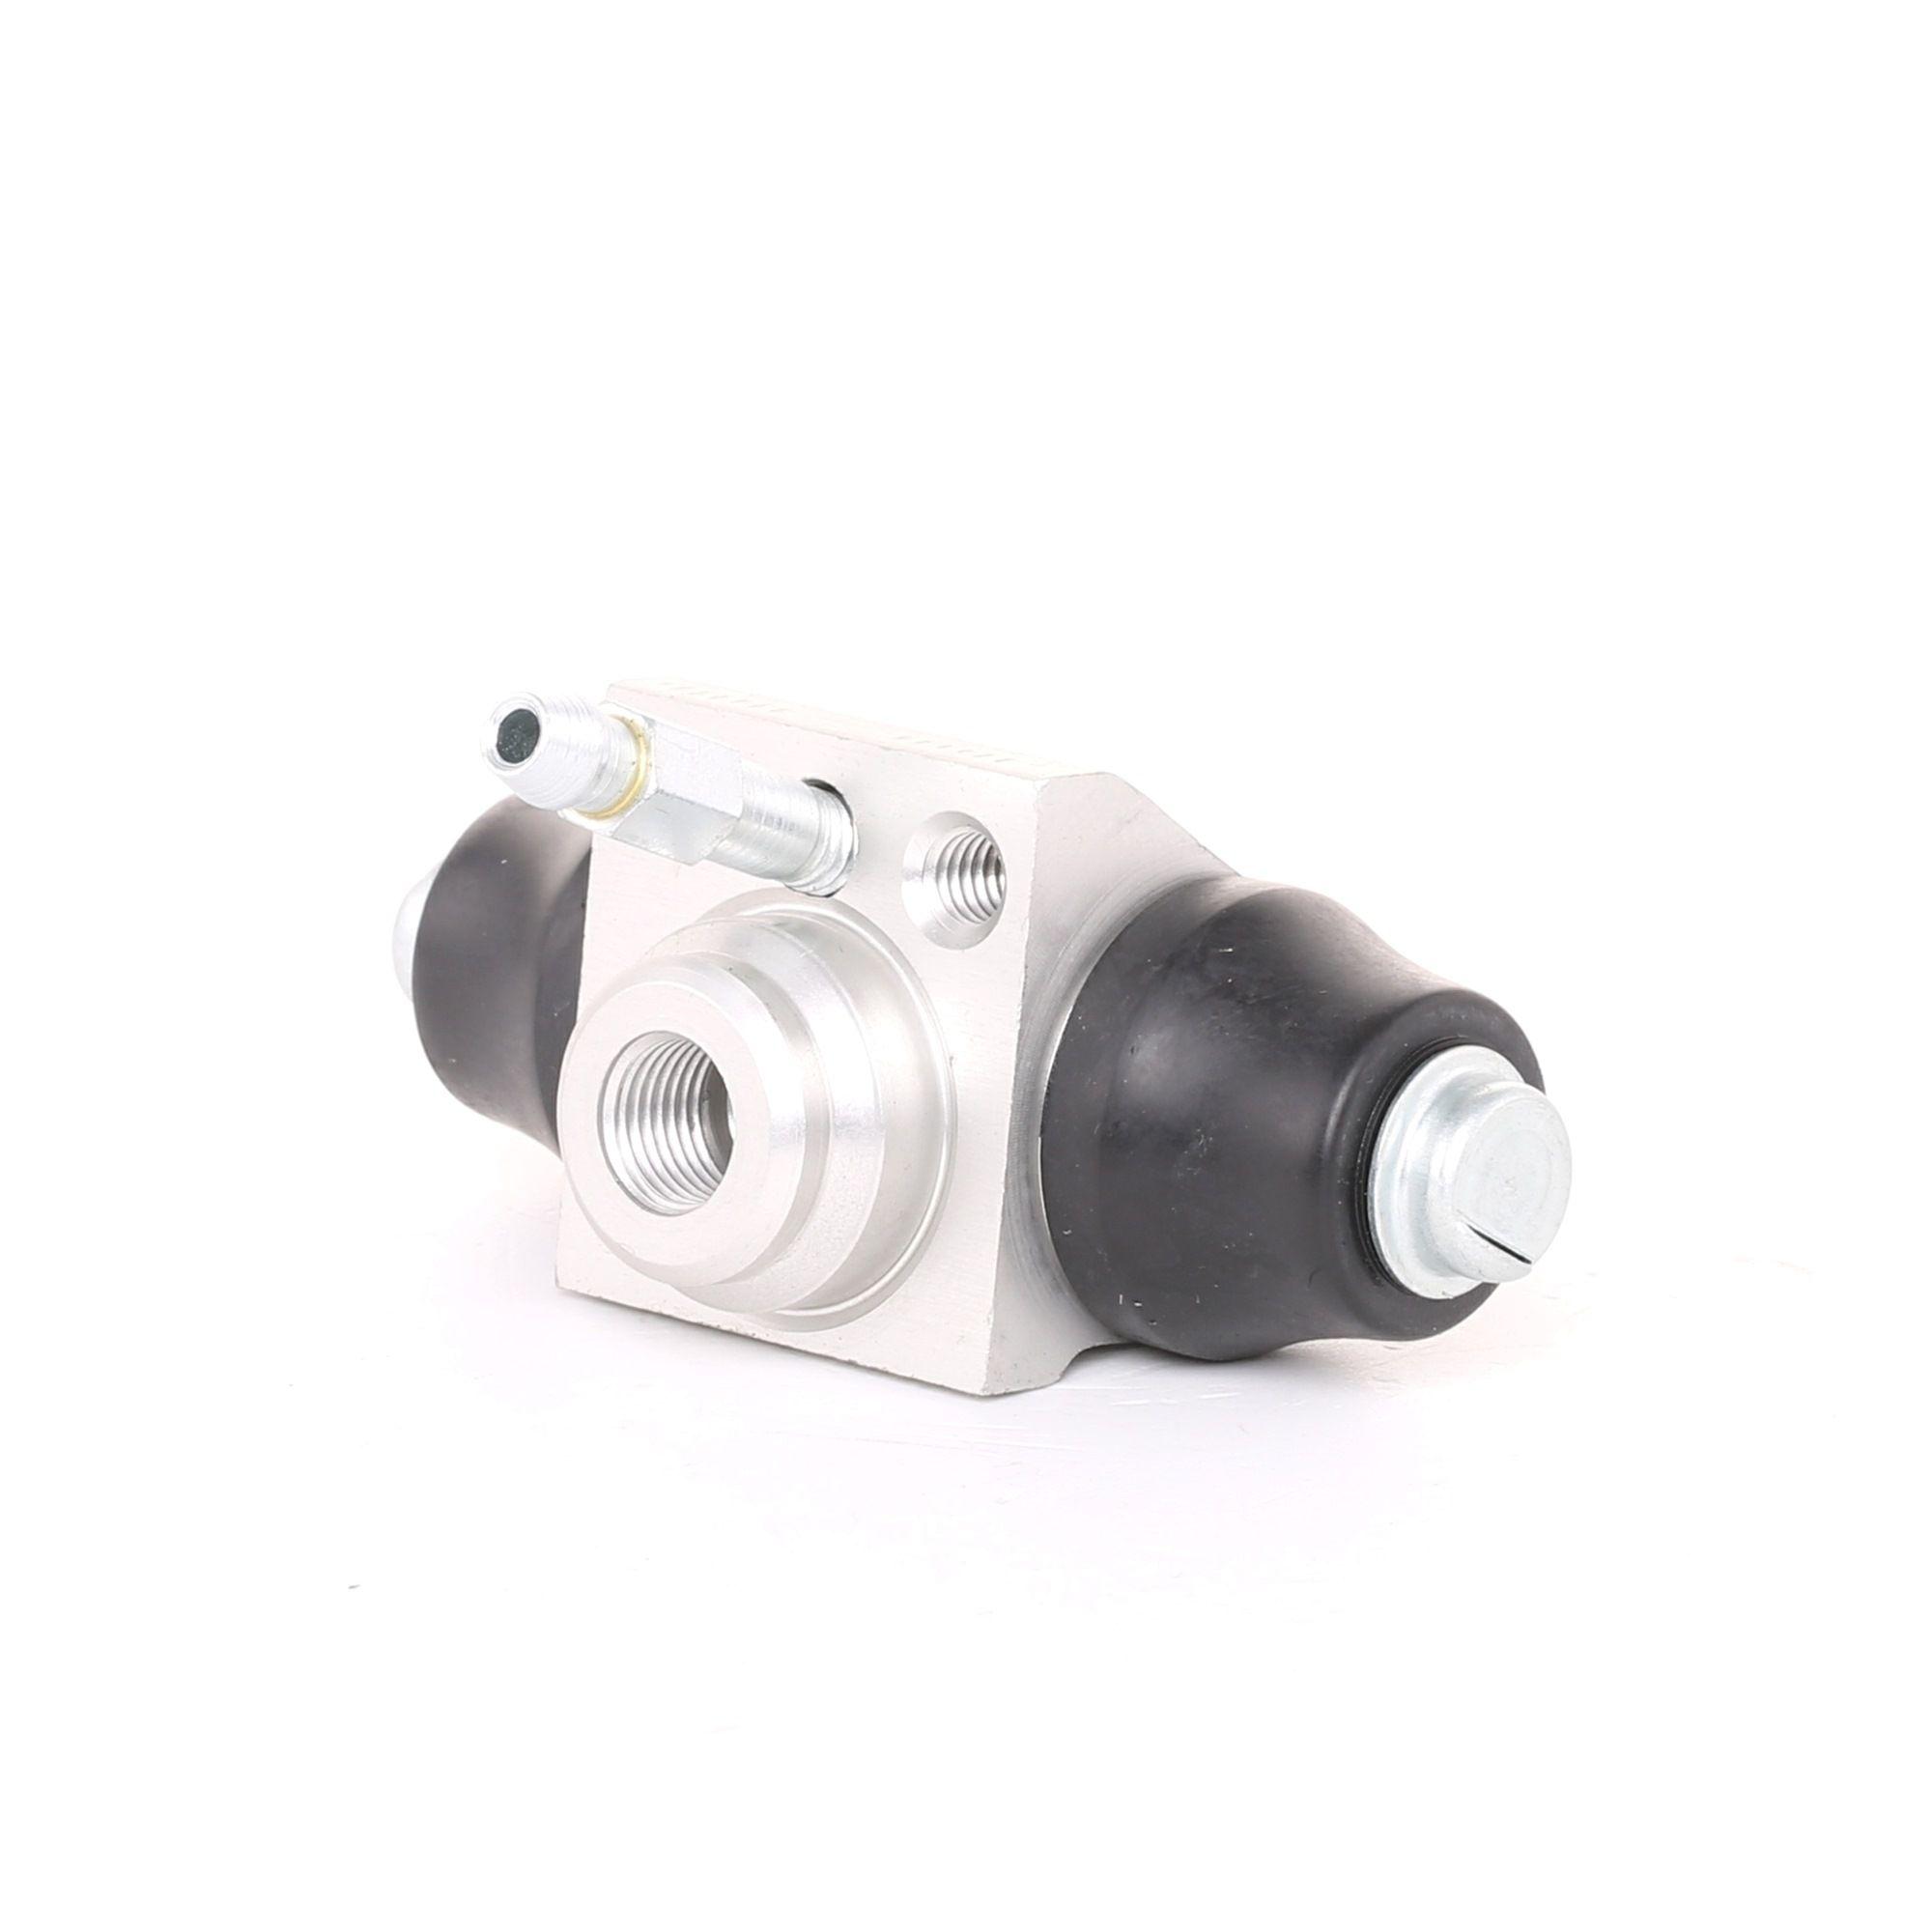 Radzylinder ATE 24.3217-0908.3 Bewertung